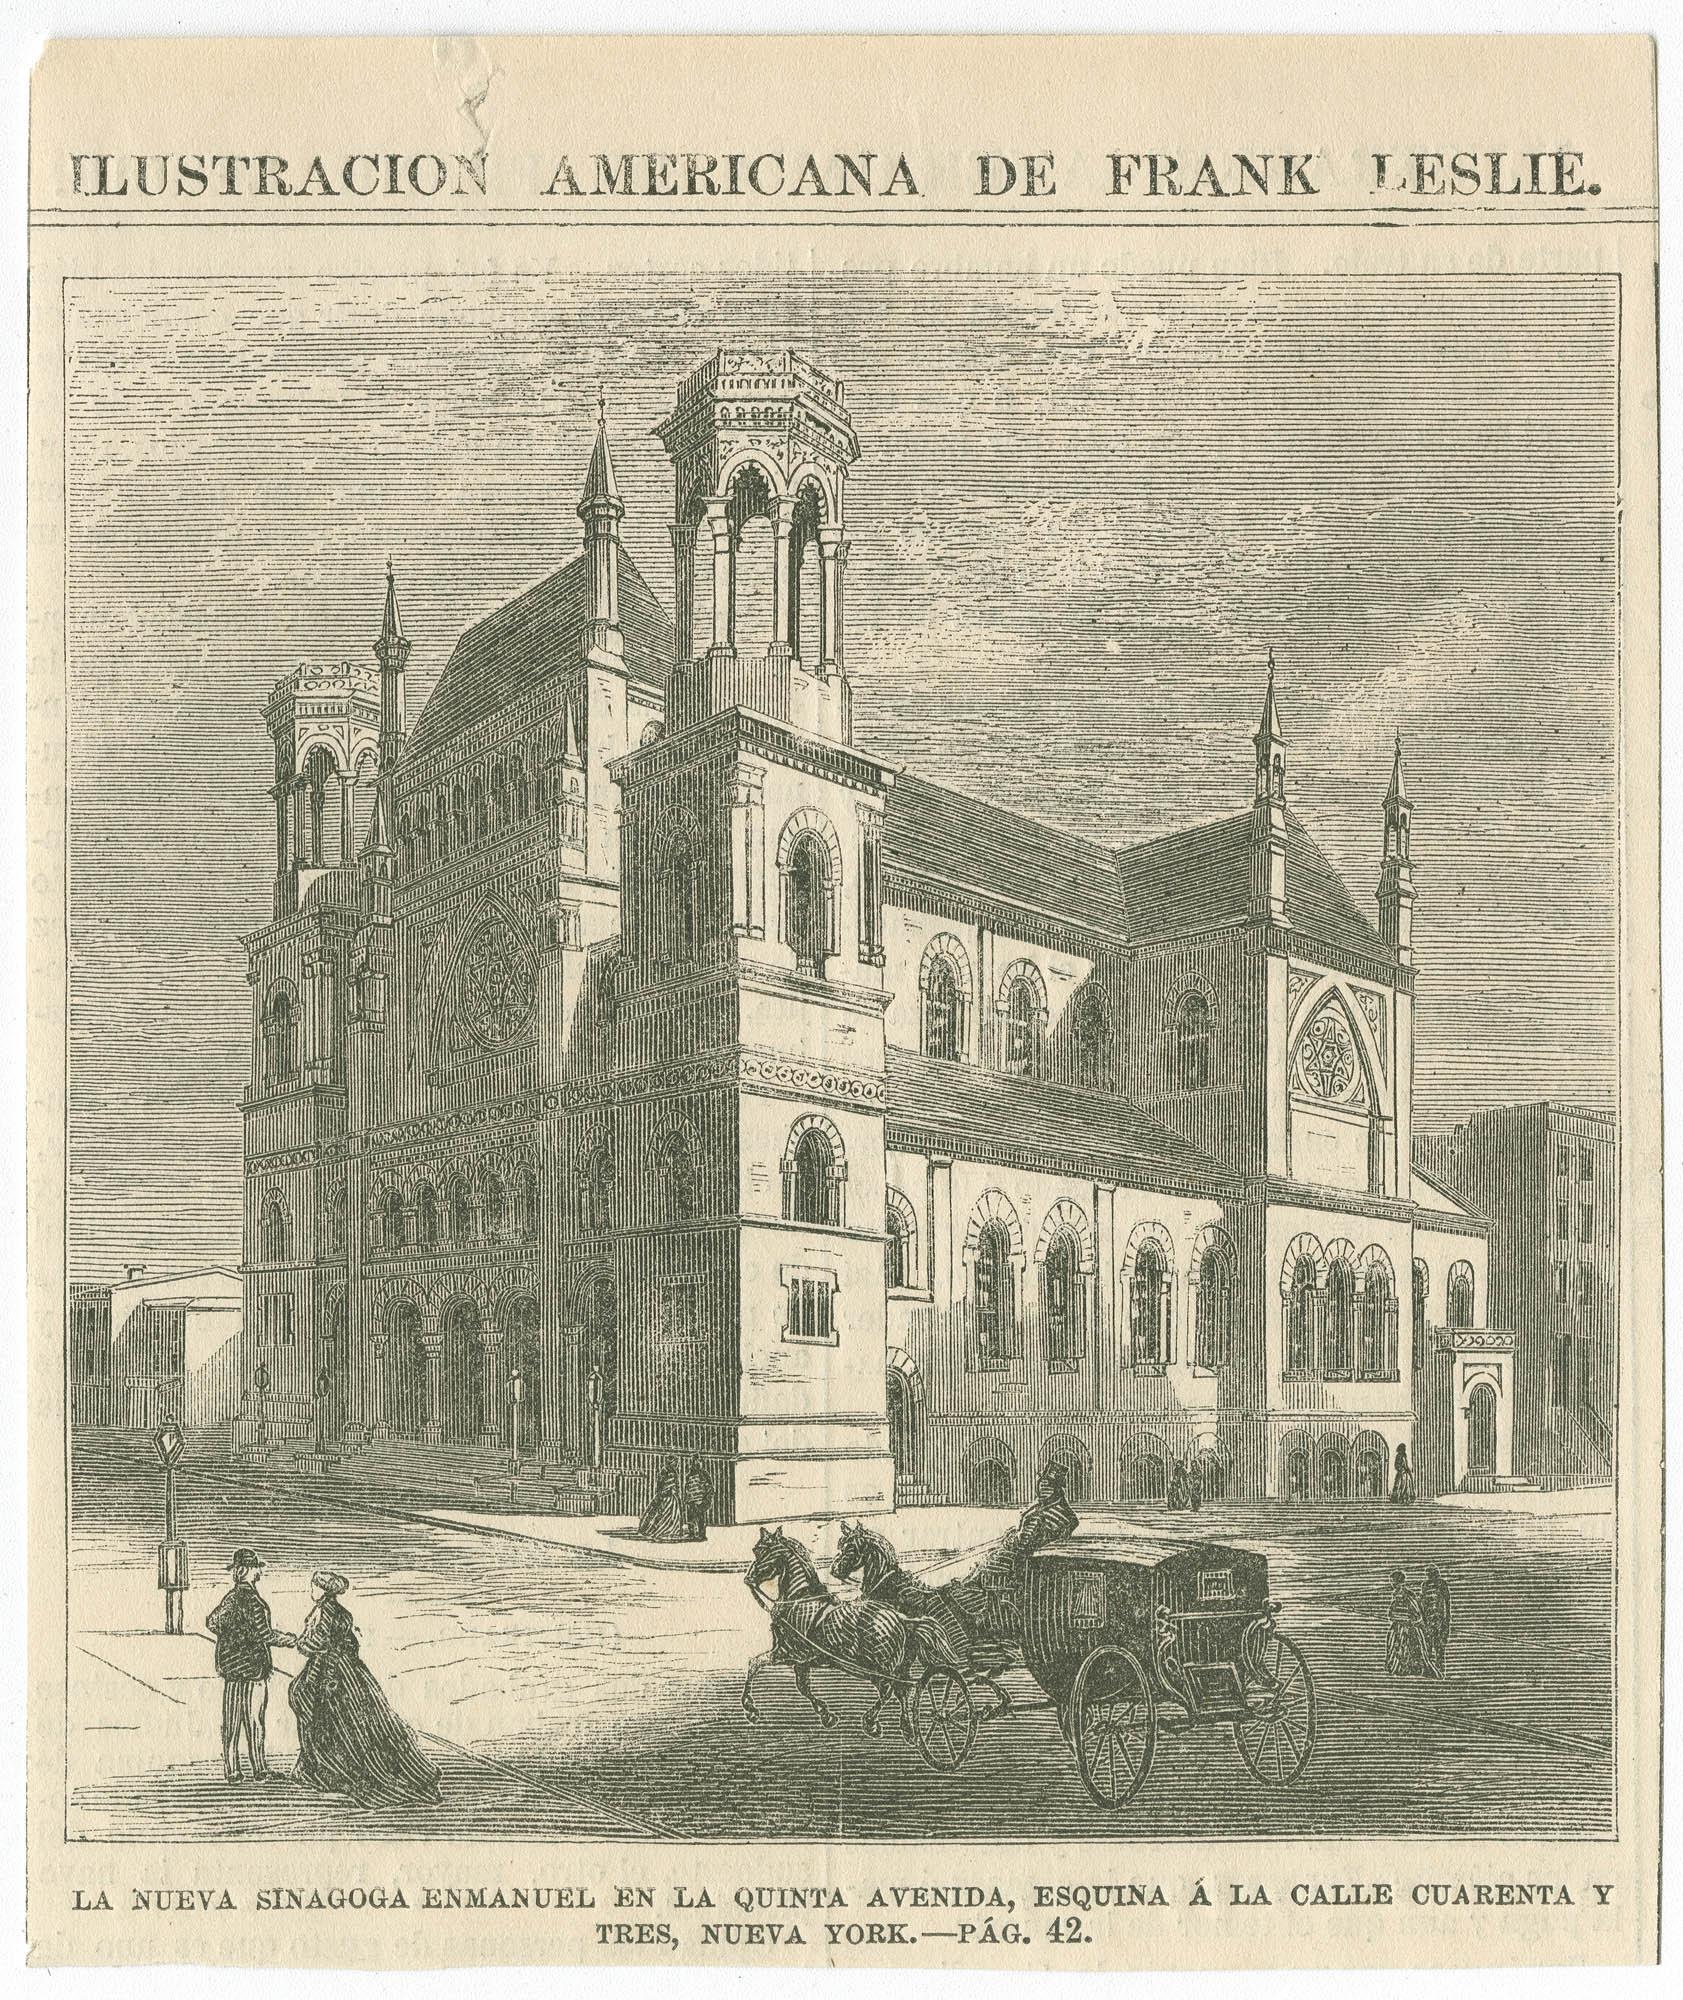 La nueva sinagoga Emmanuel en la Quinta Avenida, esquina a la calle Cuarenta y Tres, Nueva York